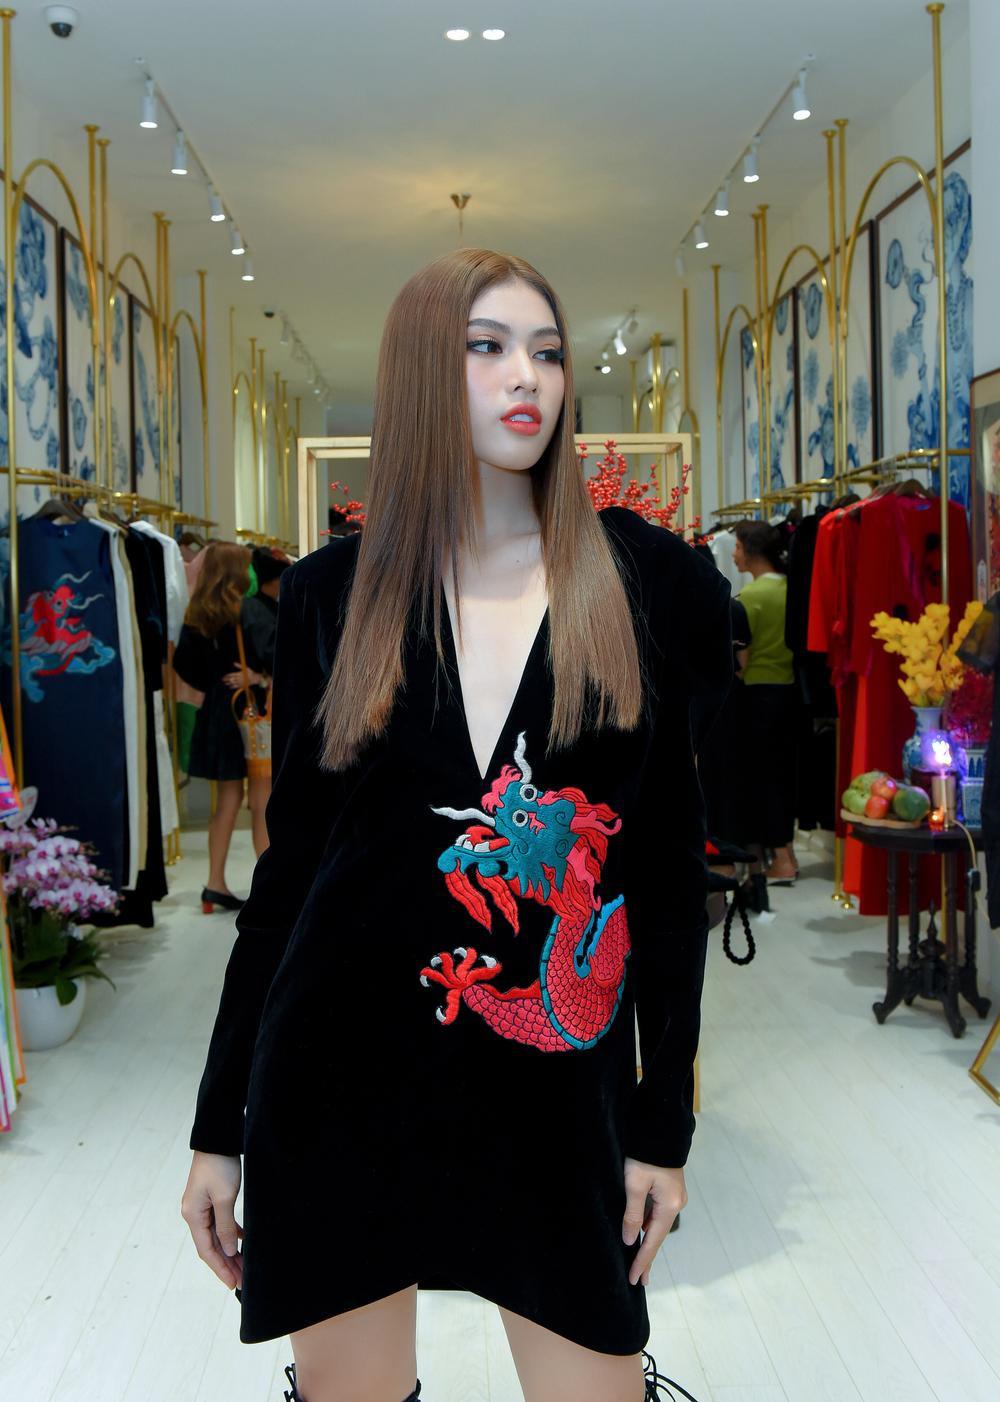 Hoa hậu Phương Khánh, Á hậu Ngọc Thảo duyên dáng với váy áo âm hưởng dân gian Ảnh 6